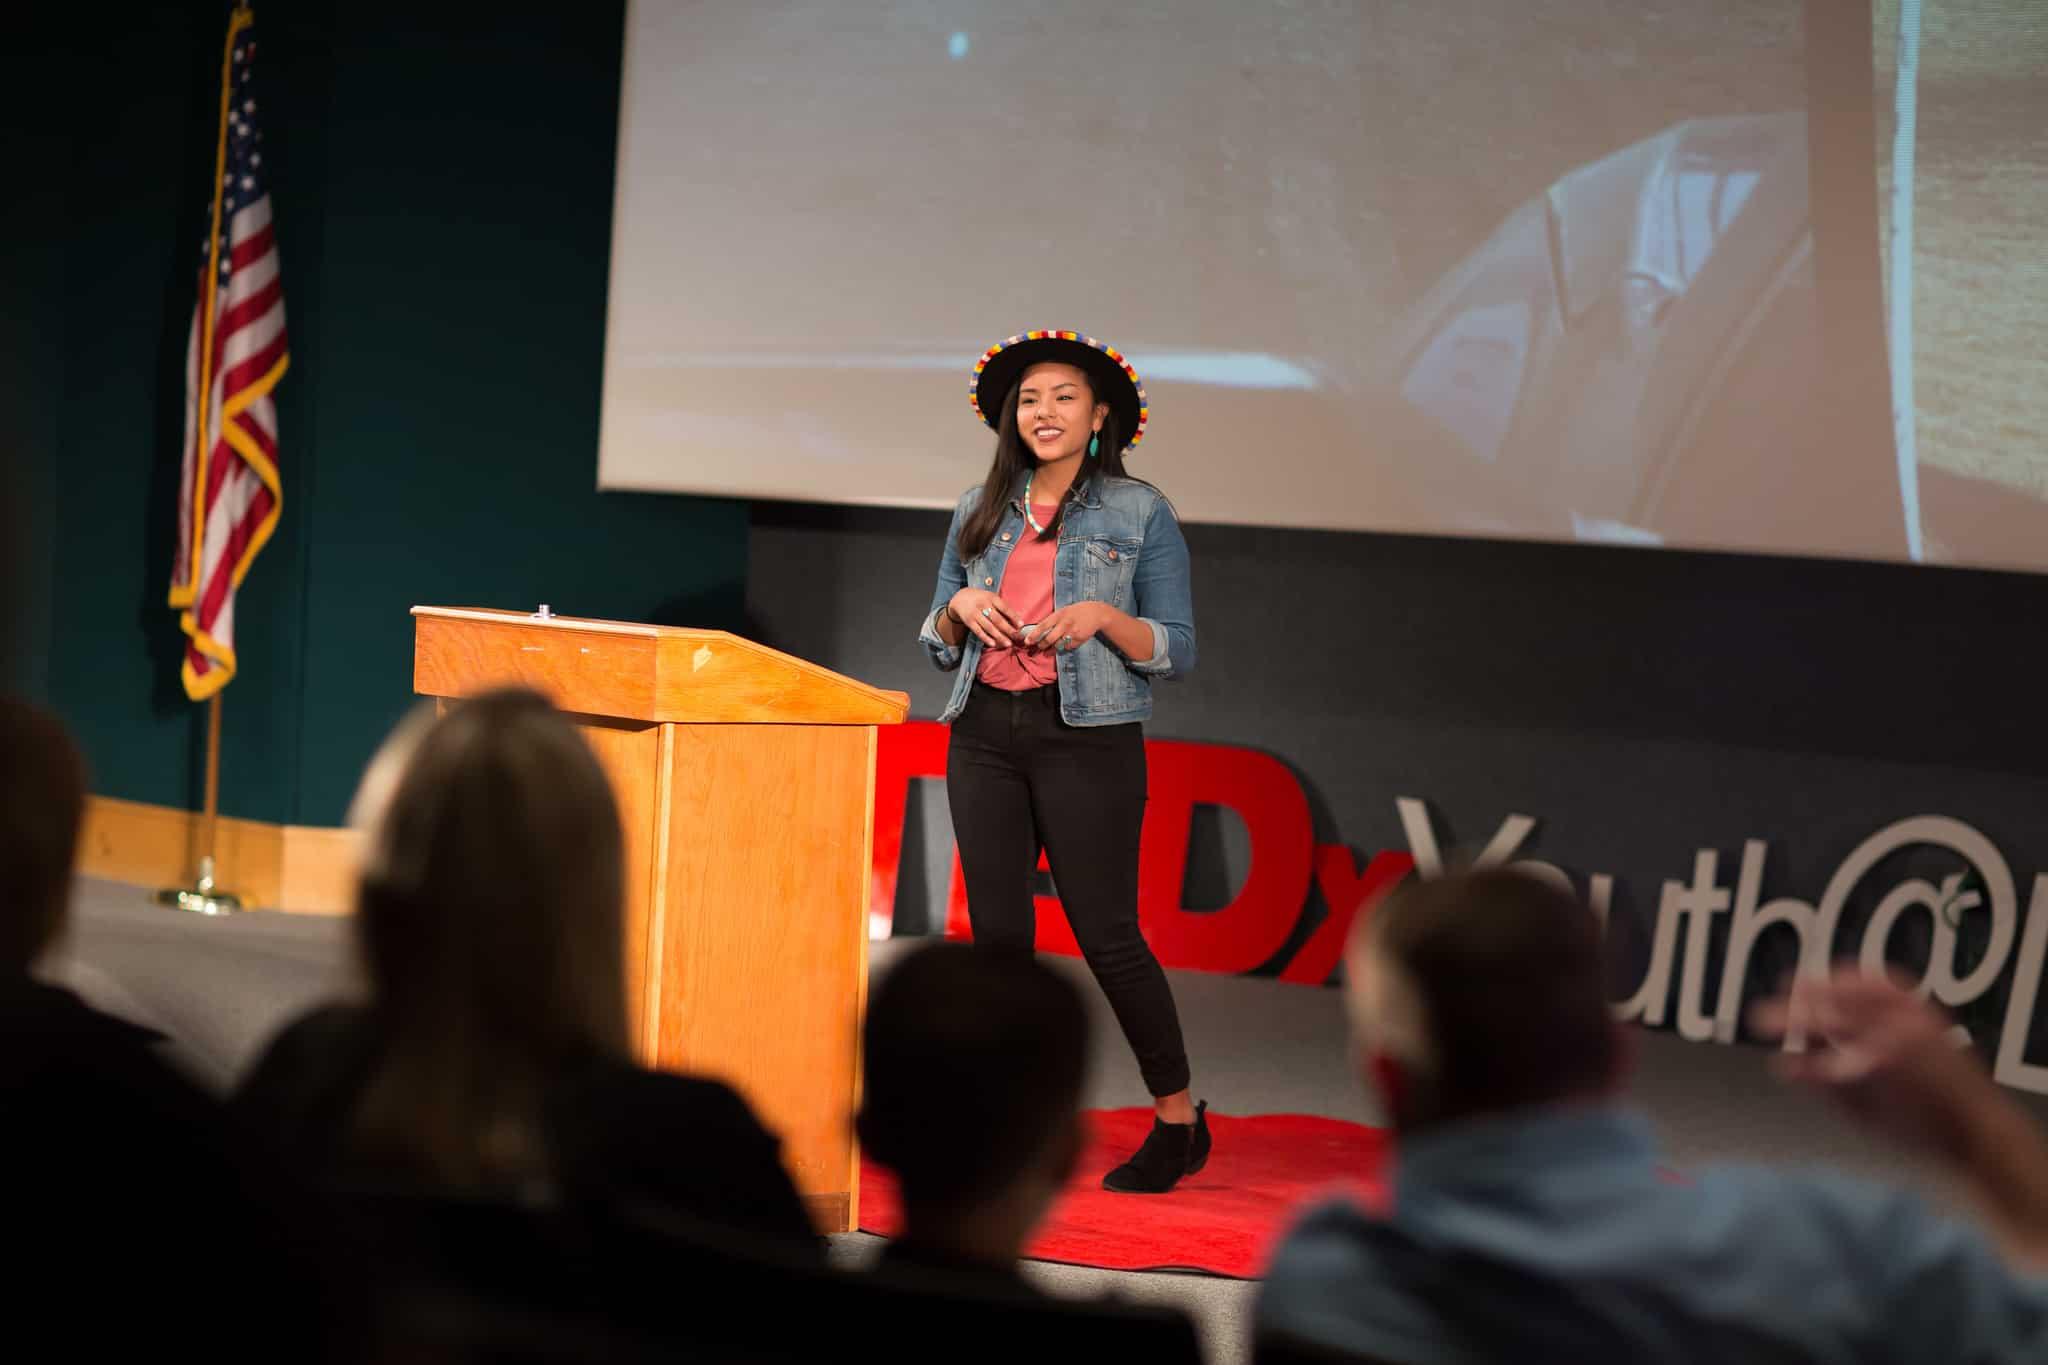 TEDxYouth Speaker 2018